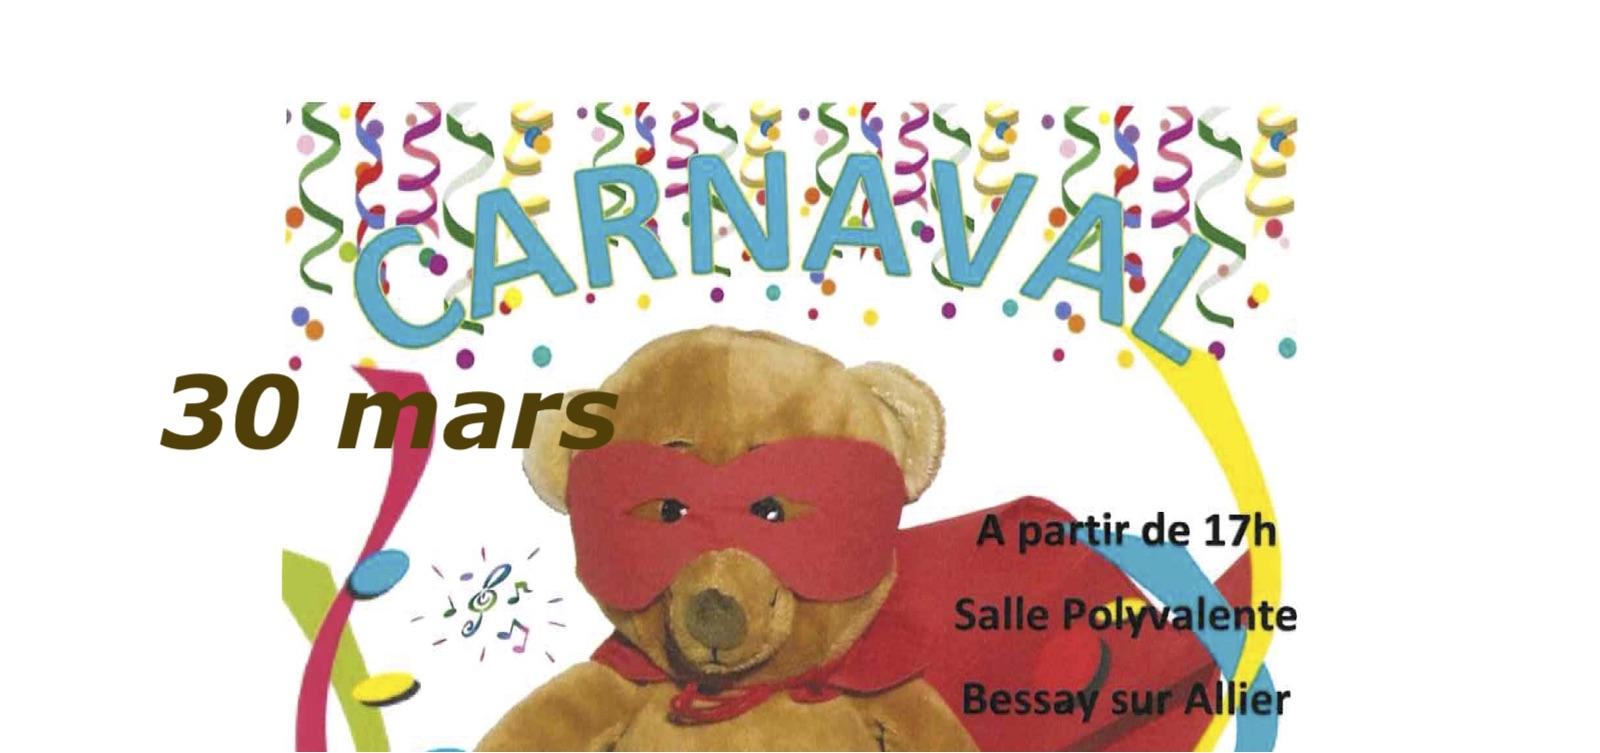 Carnaval du 30 mars